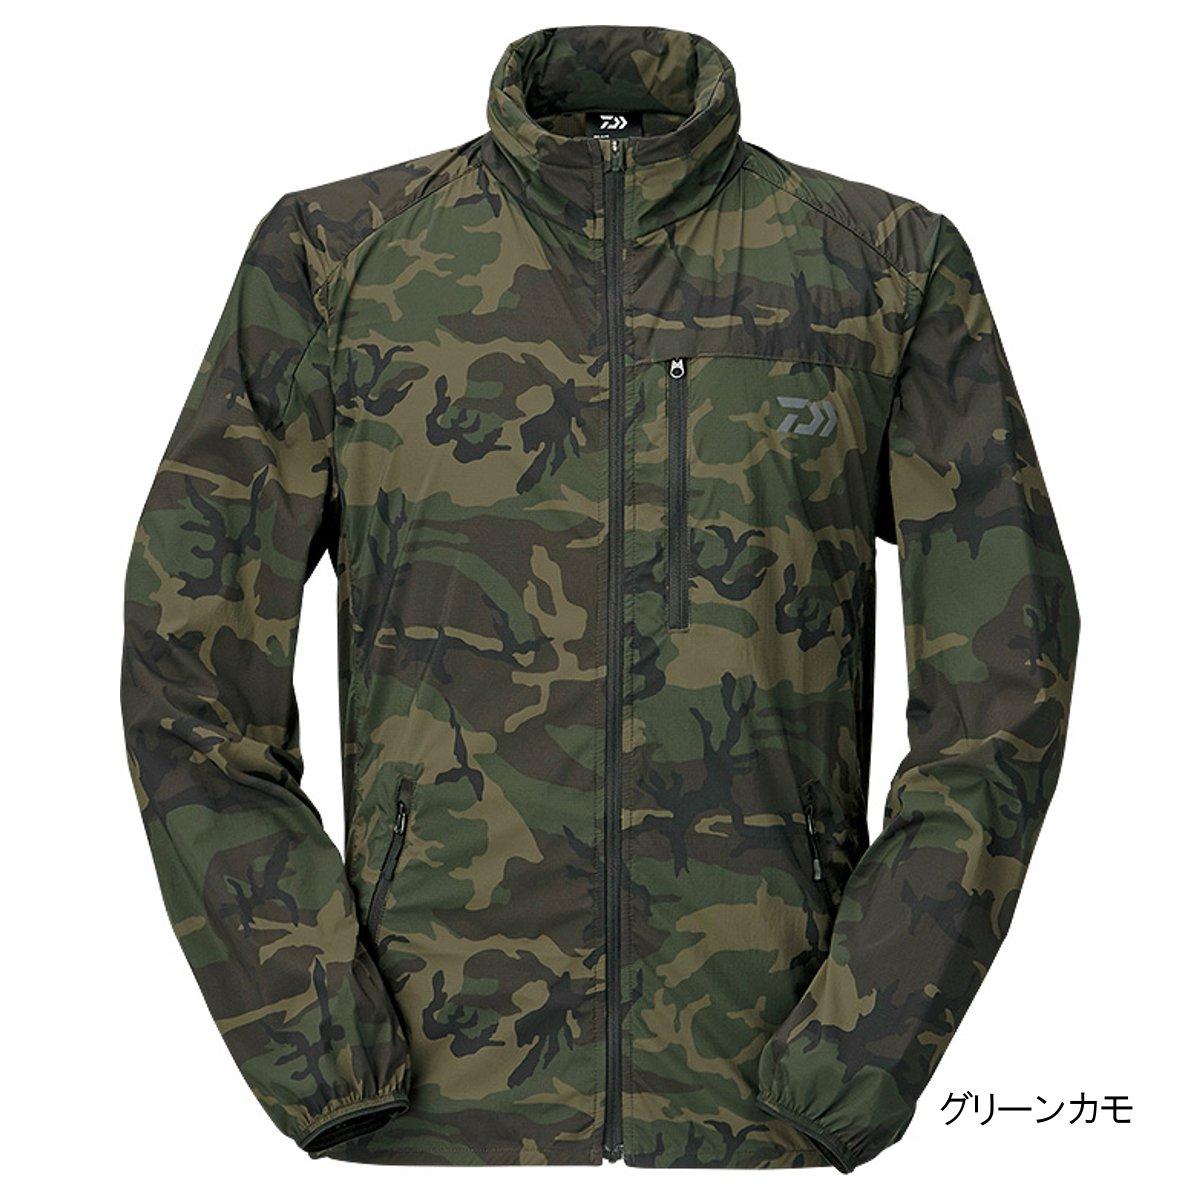 ダイワ ポケッタブルウィンドジャケット DJ-33009 M グリーンカモ【送料無料】